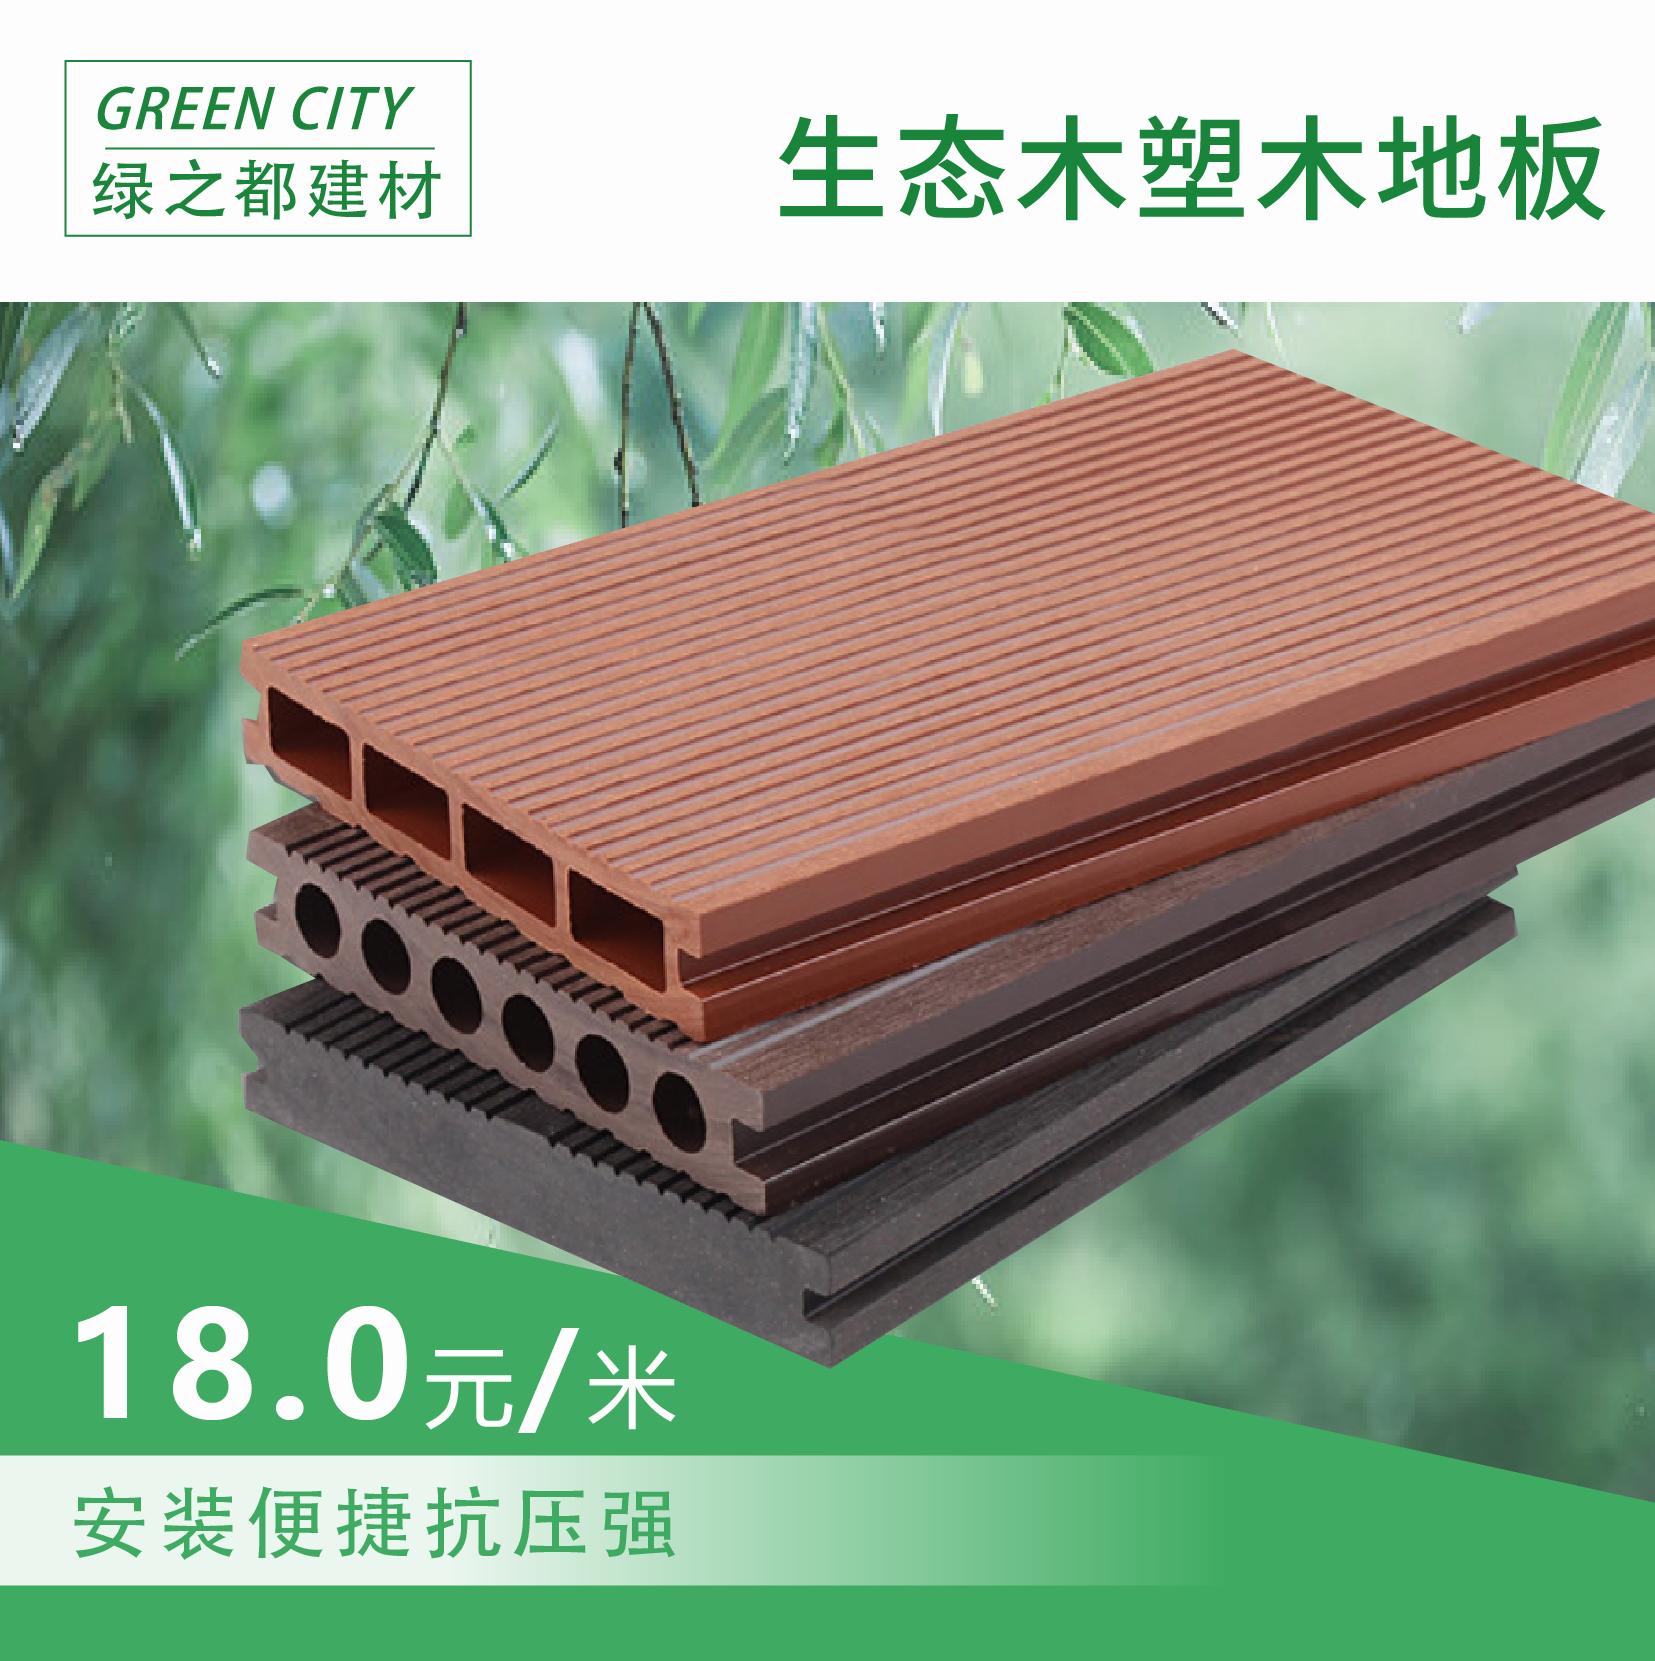 生態木の床板は心の竜骨のシリーズの防腐防湿の屋外の花園の床板の庭の通路の木の床板を作ります。